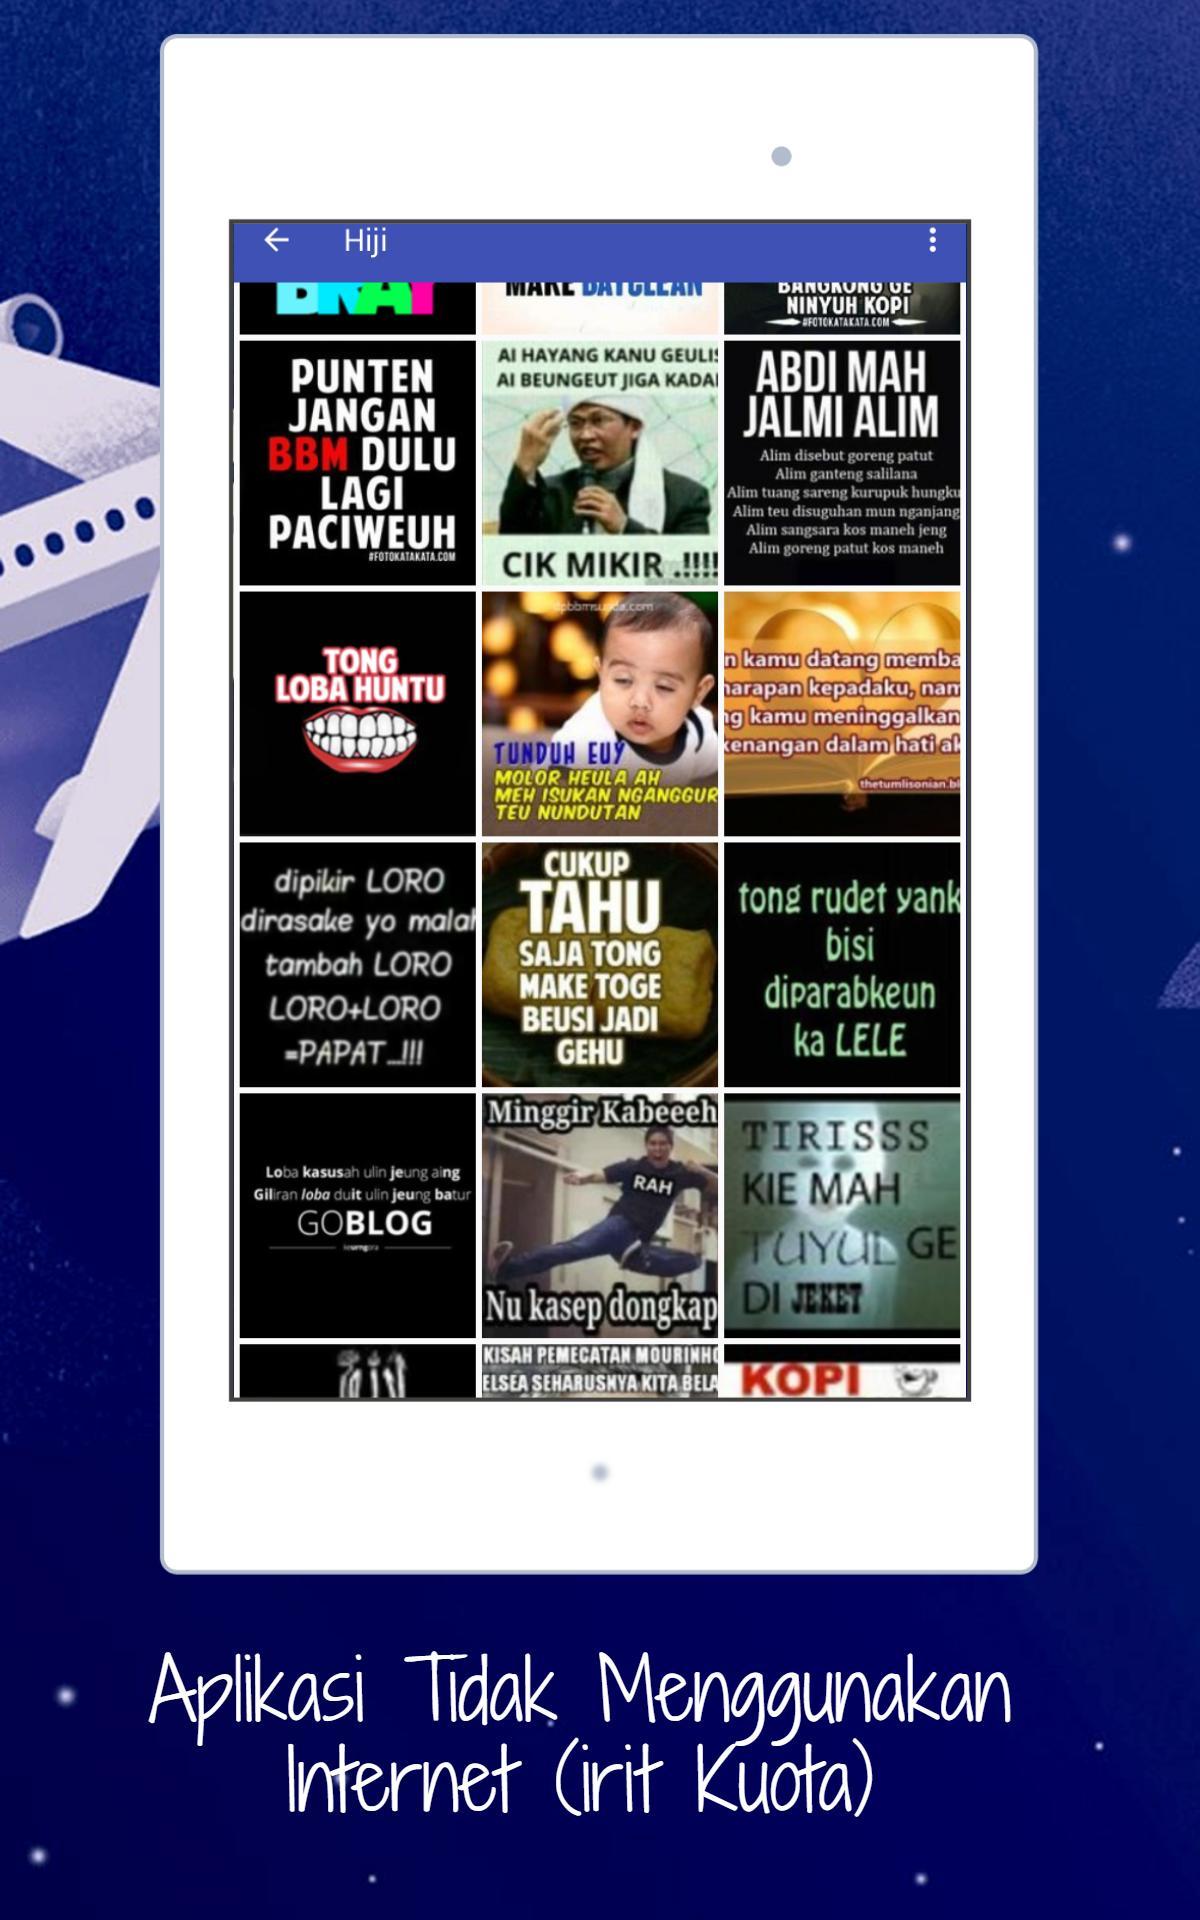 Download 68 Koleksi Wallpaper Lucu Tuyul Gratis Terbaru